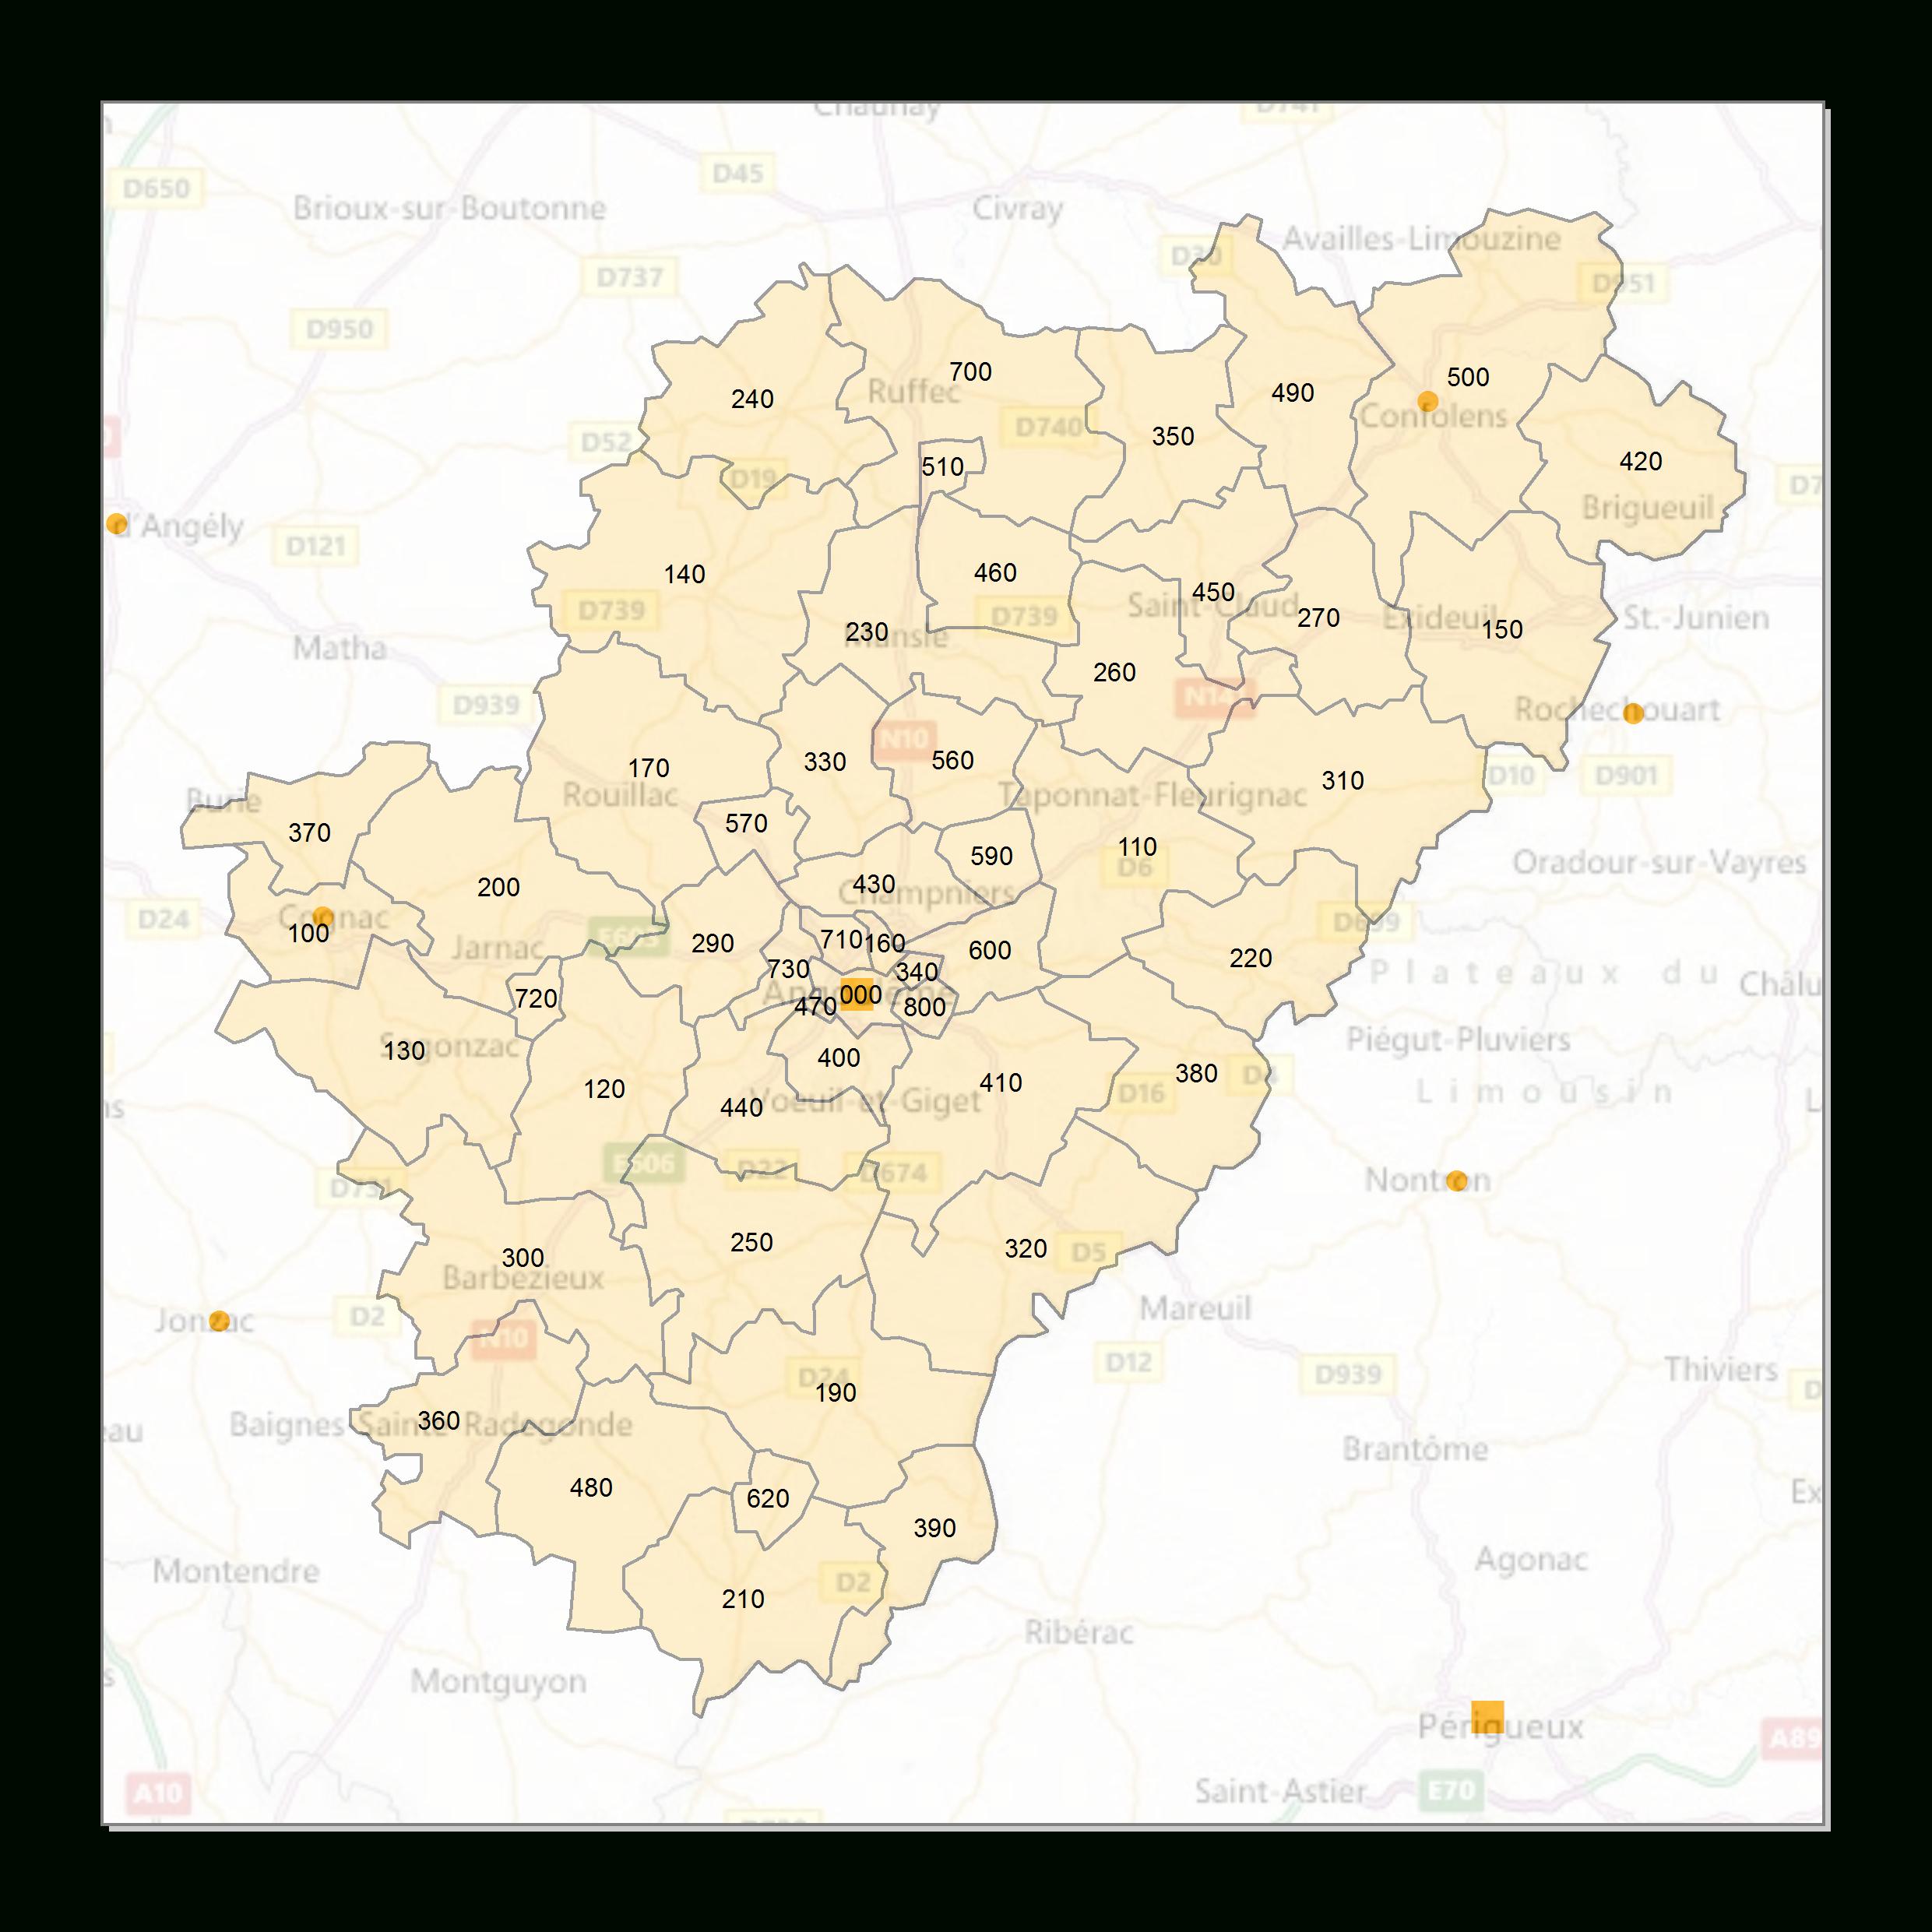 Atlas Des Codes Postaux - Cartes Des Départements De France dedans Carte Departement Numero